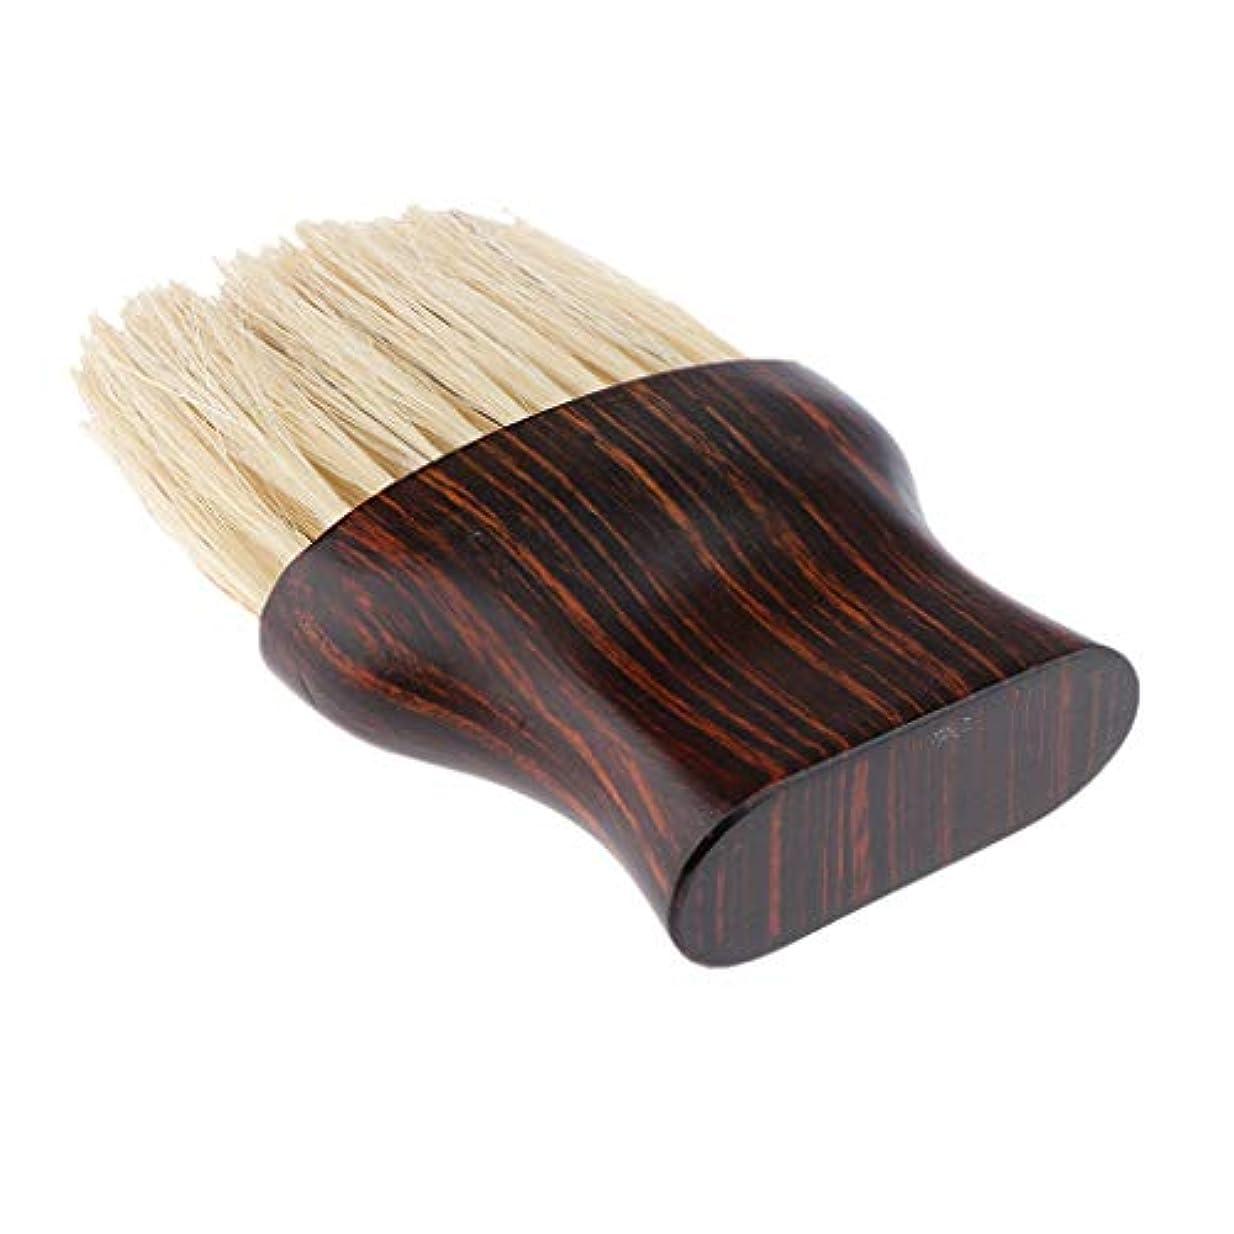 クレタ高揚した暗記するSM SunniMix 毛払いブラシ ヘアブラシ 繊維毛 散髪 髪切り 散髪用ツール 床屋 理髪店 美容院 ソフトブラシ